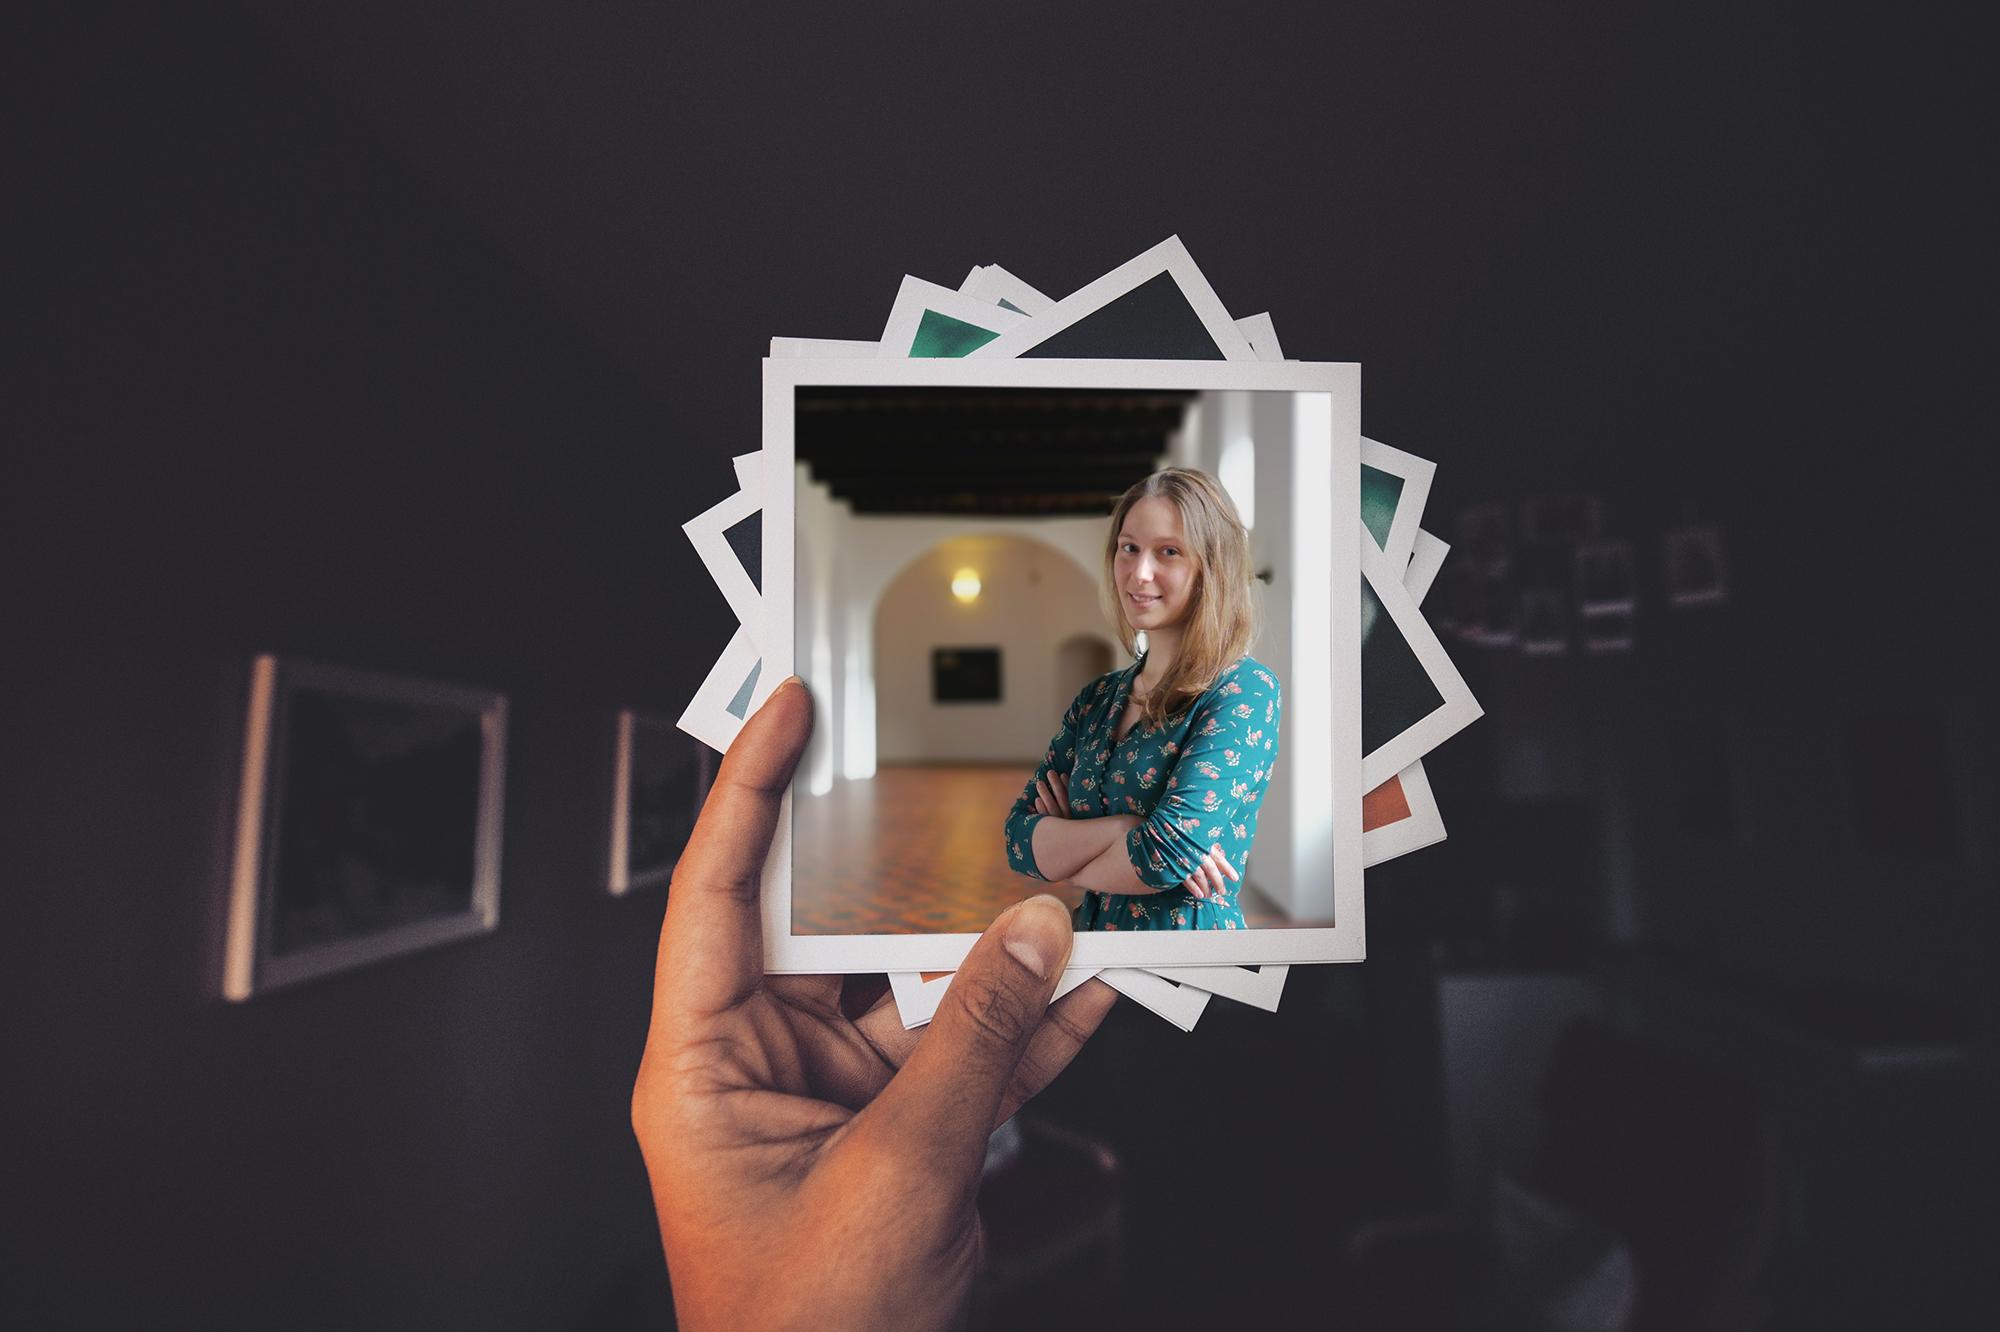 Liesbeth Degryse, educatief medewerker CCV Brugge © Portret en collage Sim D'Hertefelt, frame Unsplash